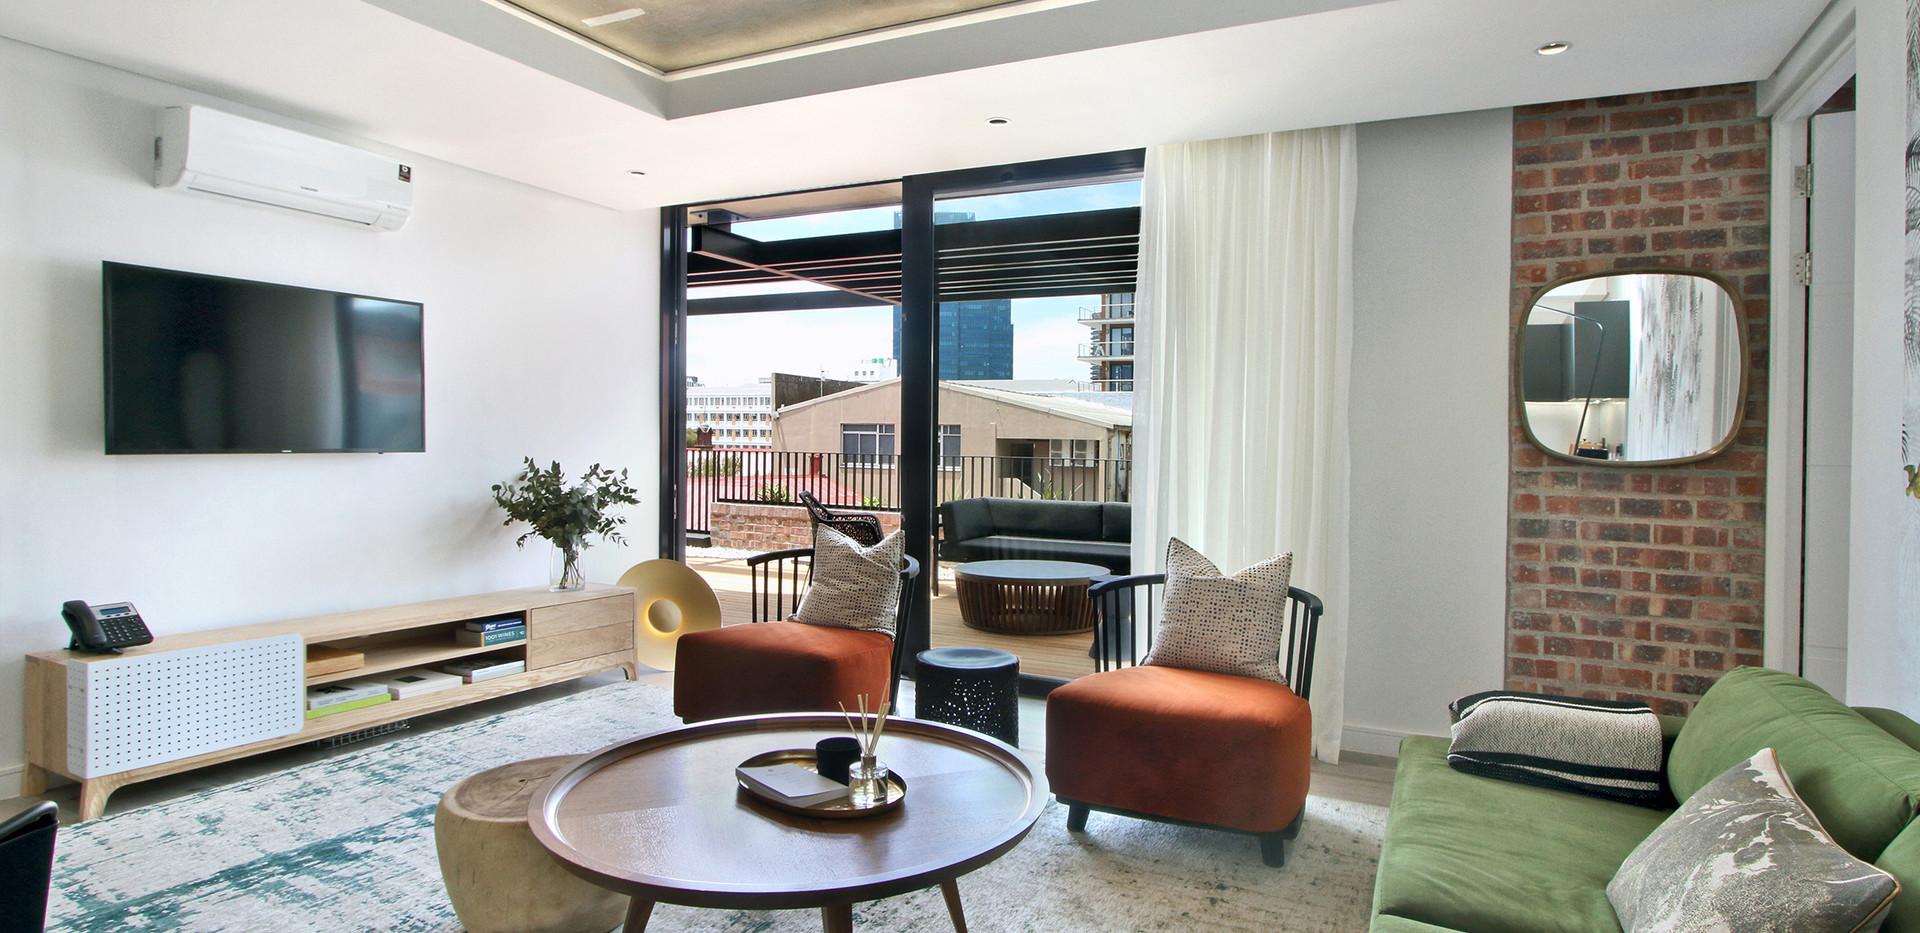 Lounge_2bedroom_Signatura_206_ITC_2.jpg